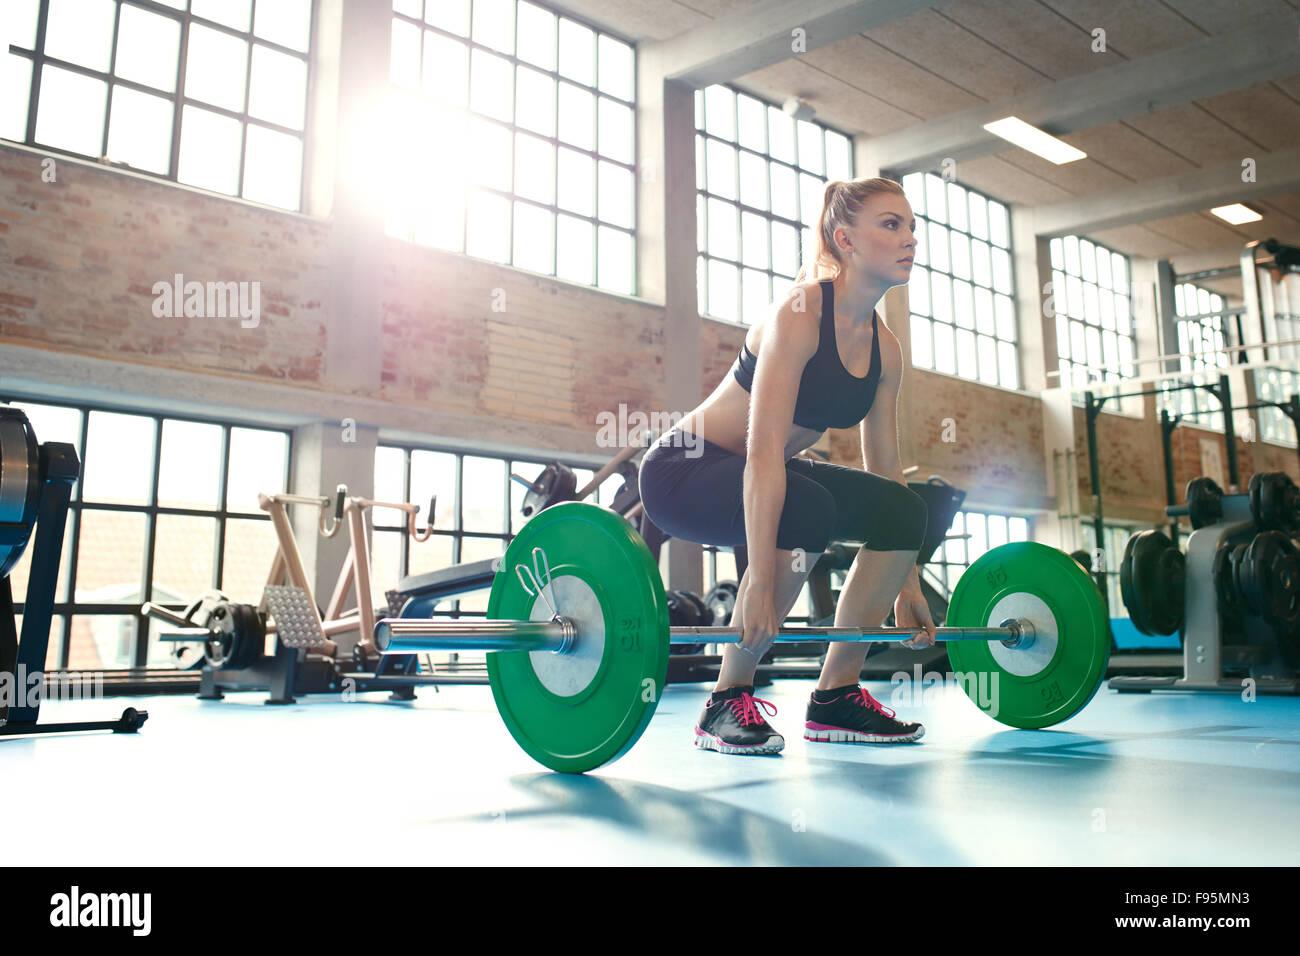 Determinata e forte donna fitness allenamento con i pesi pesanti nel fitness club. Caucasian atleta femminile fare Immagini Stock